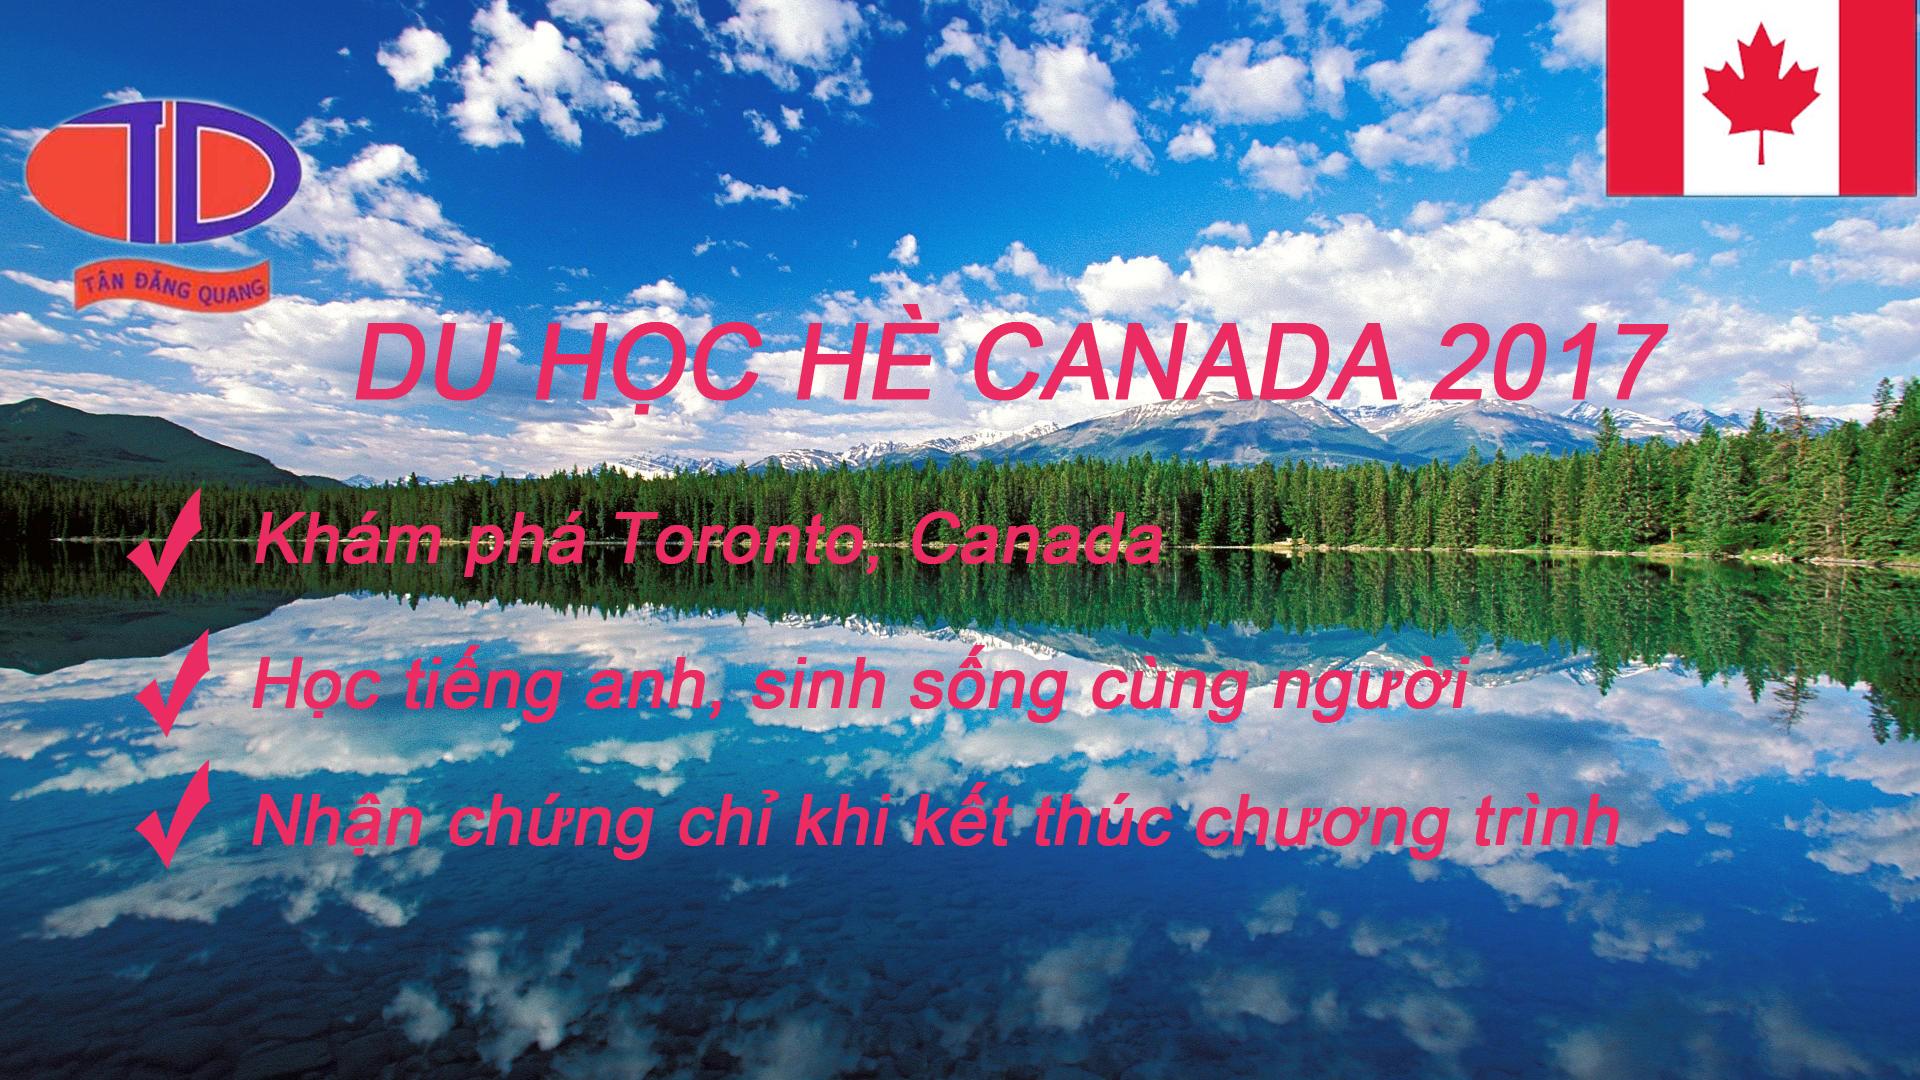 Chương Trình Du Học Hè Canada 2017